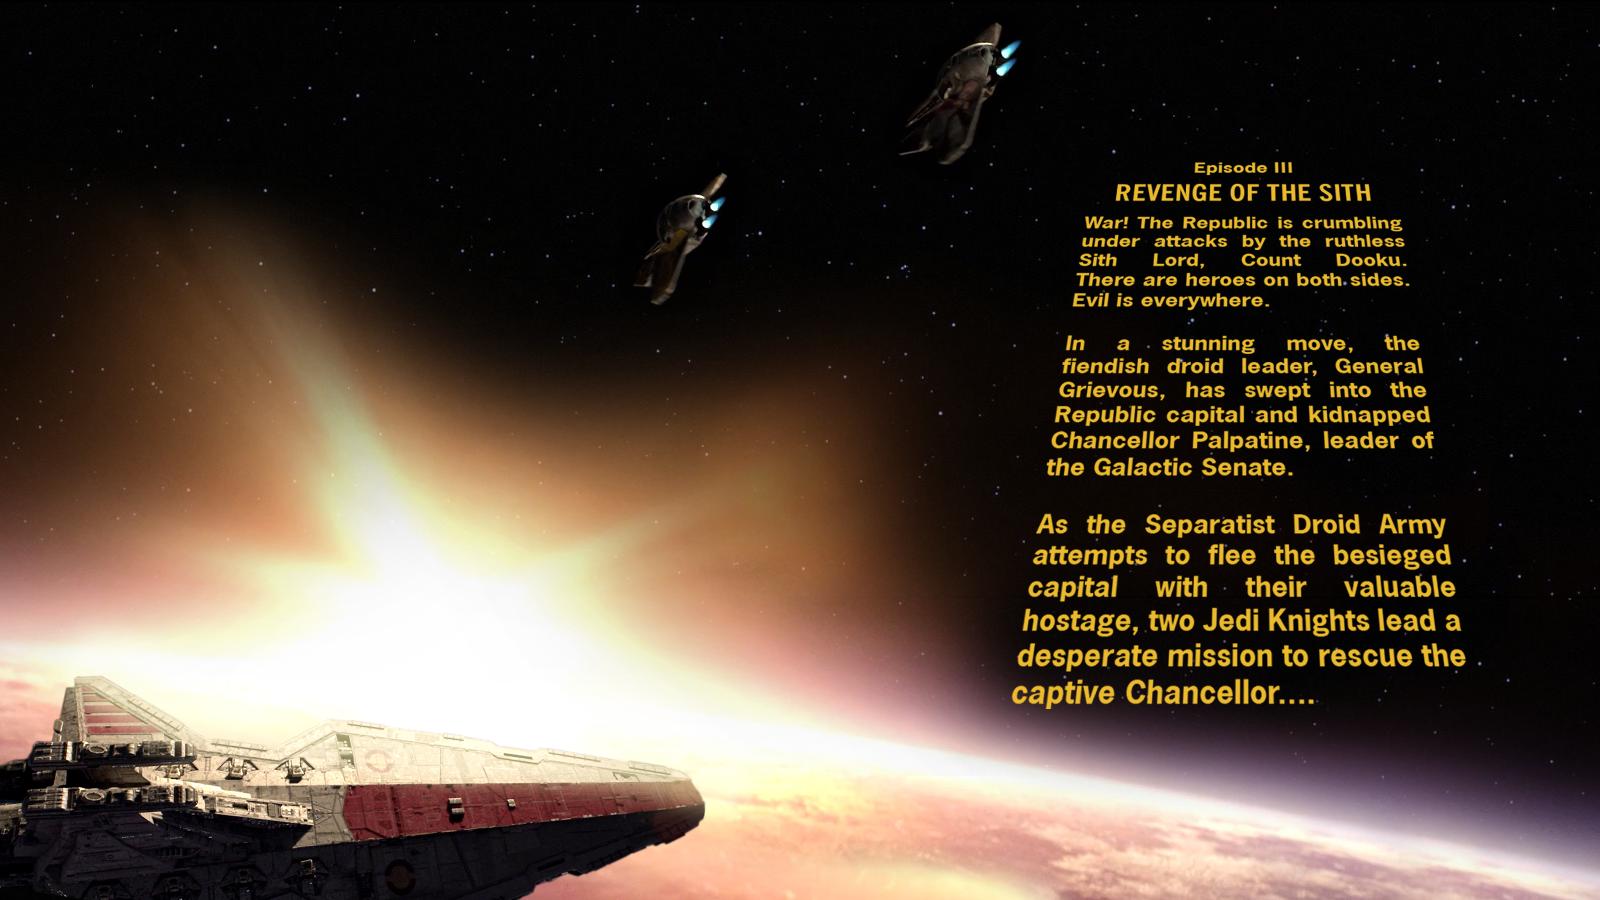 Star Wars Episode Iii Crawl Wallpaper By Spirit Of Adventure On Deviantart